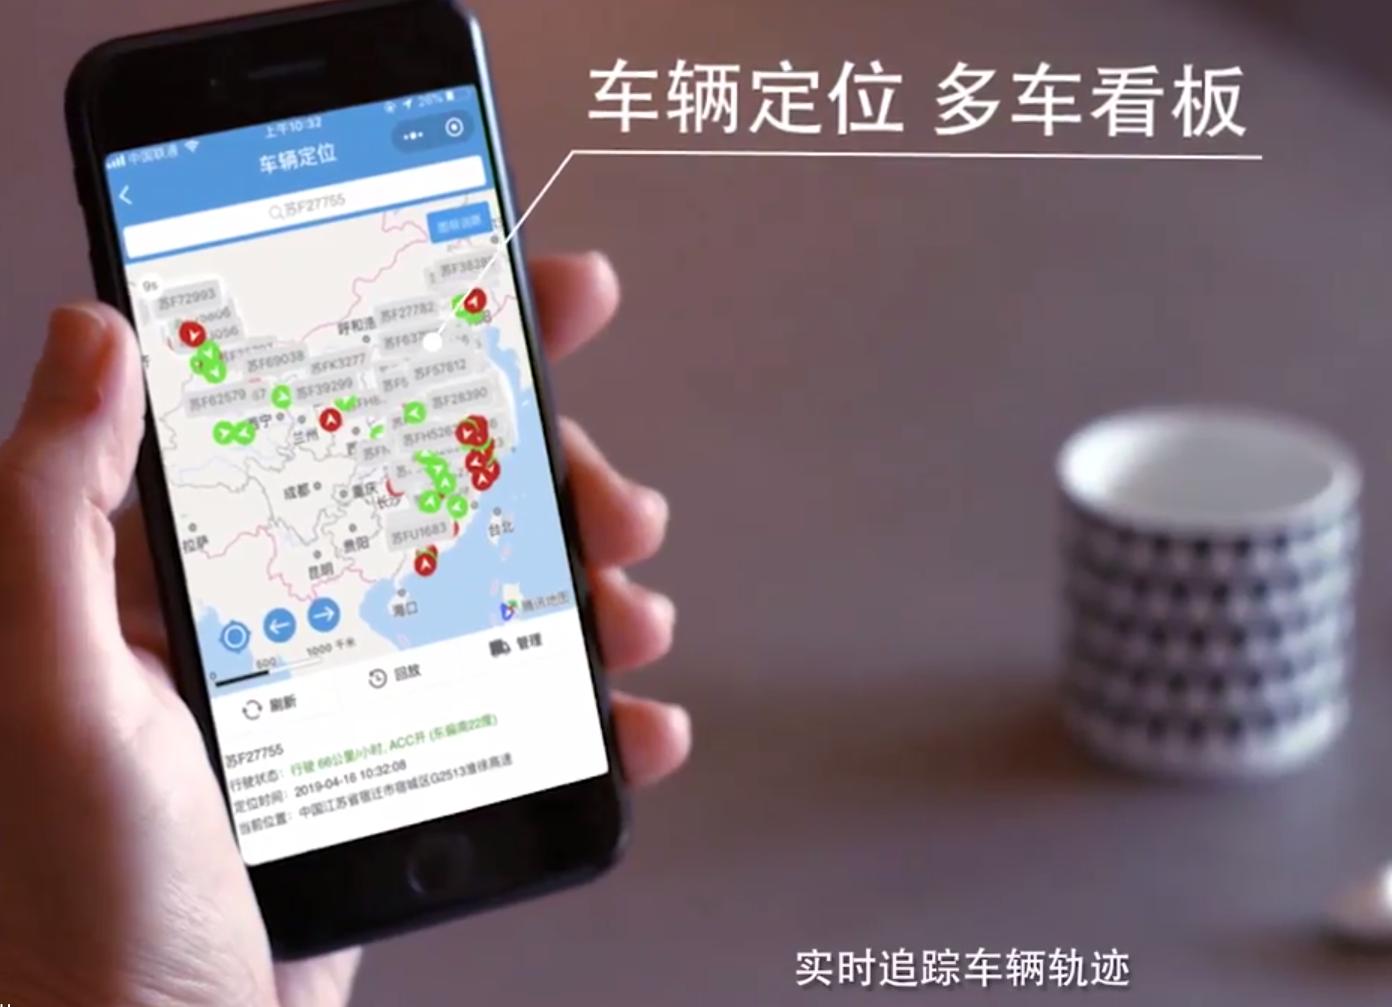 好管车解说中国北斗与美国GPS的区别